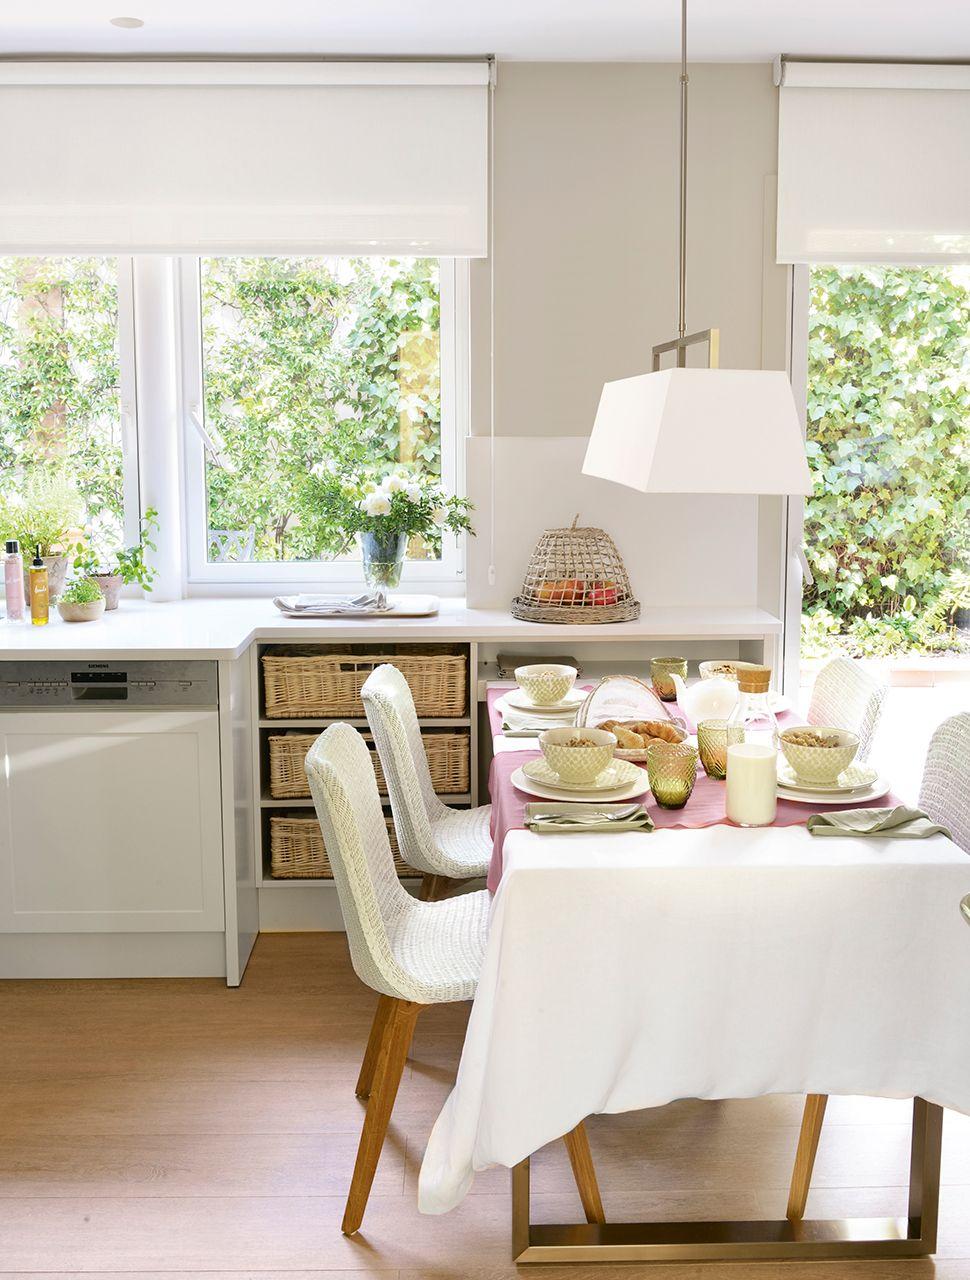 office dentro de la cocina con mantelera sillas de fibra lmpara de techo de